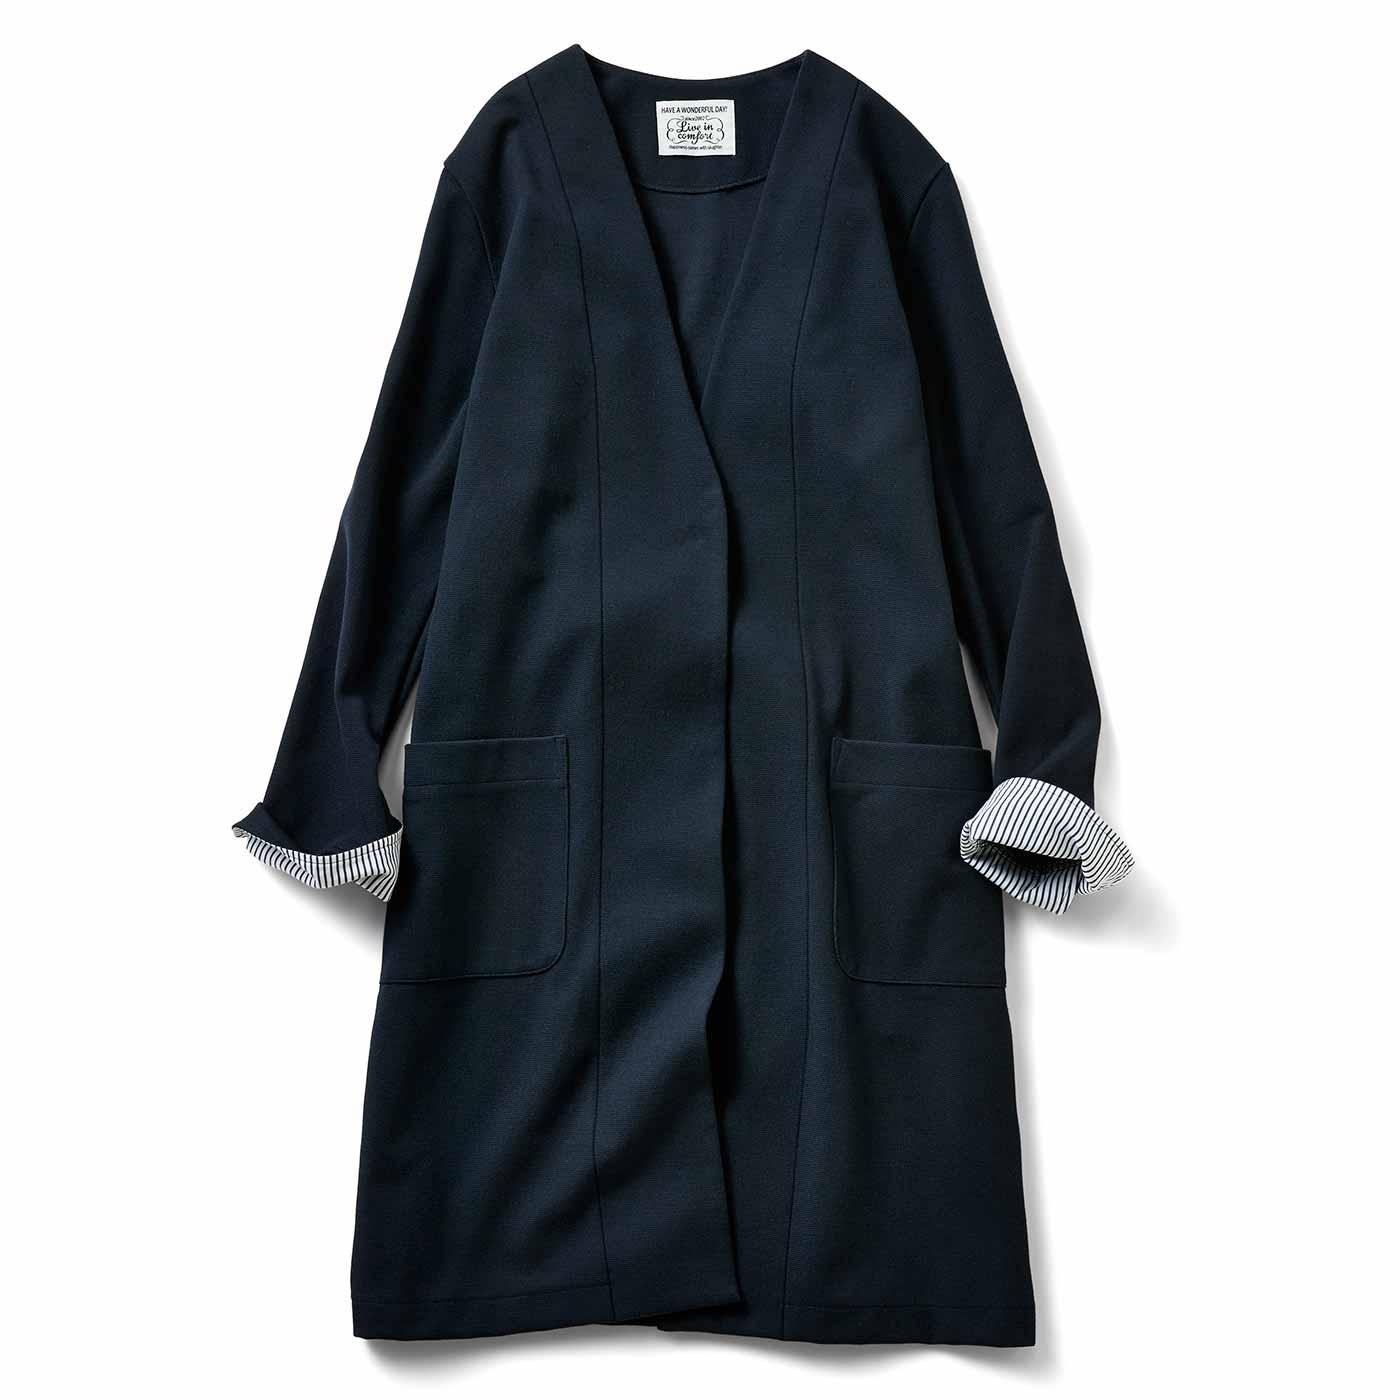 リブ イン コンフォート さっとはおってきちんと見えする ほどよい厚みの カットソーロングジャケット〈ネイビー〉